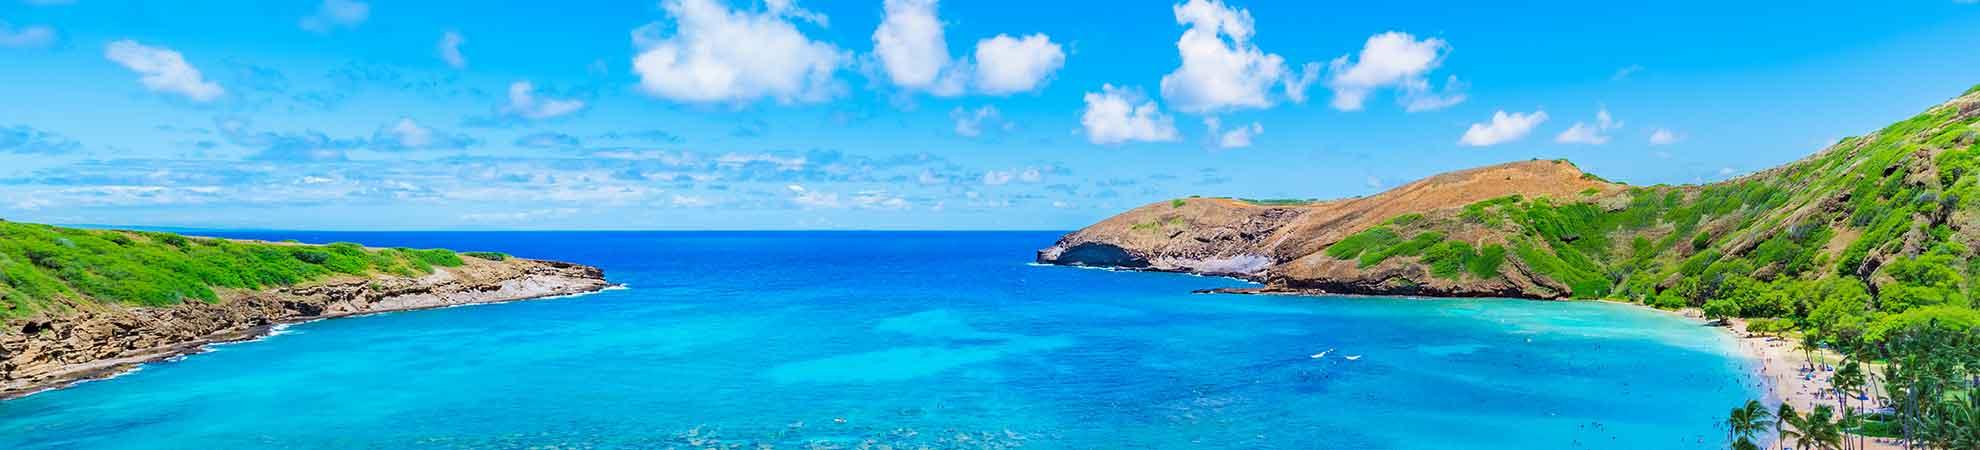 Hawaii température